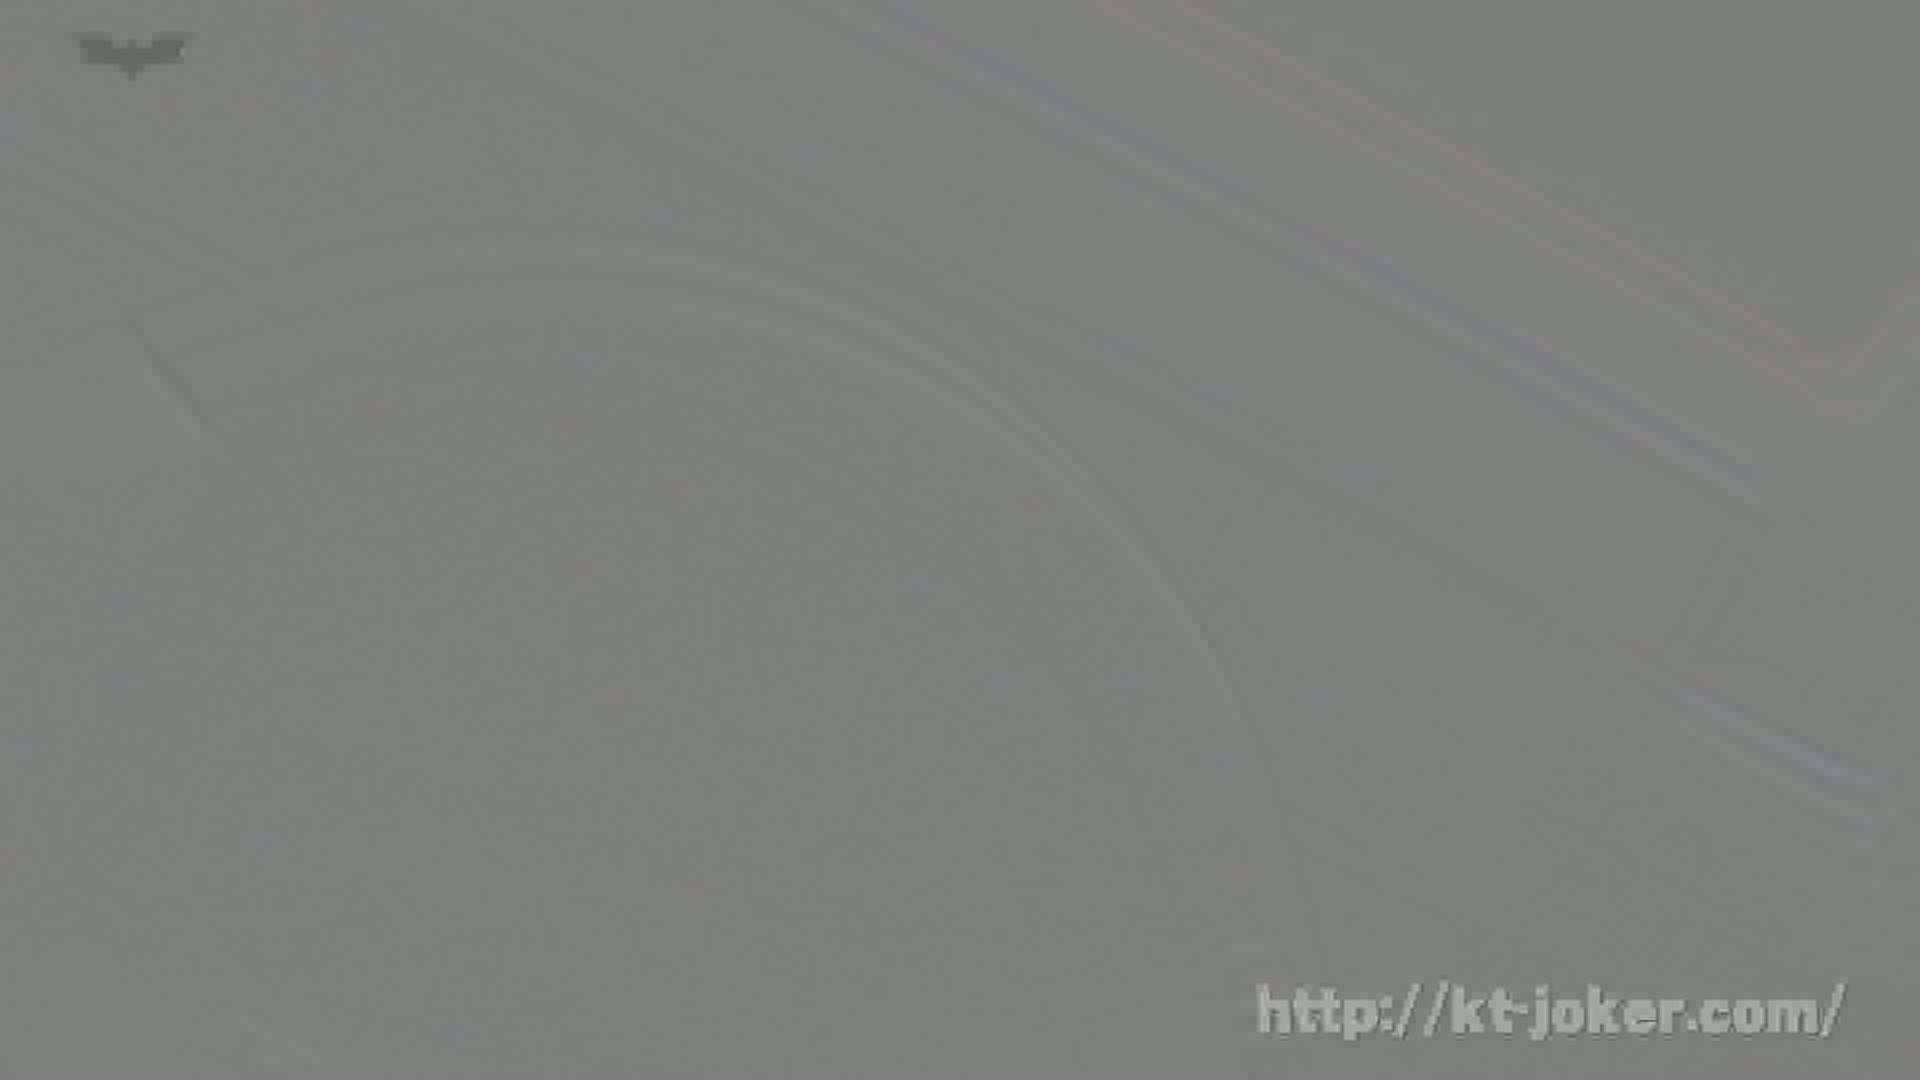 命がけ潜伏洗面所! vol.71 典型的な韓国人美女登場!! 洗面所 ワレメ動画紹介 69連発 55